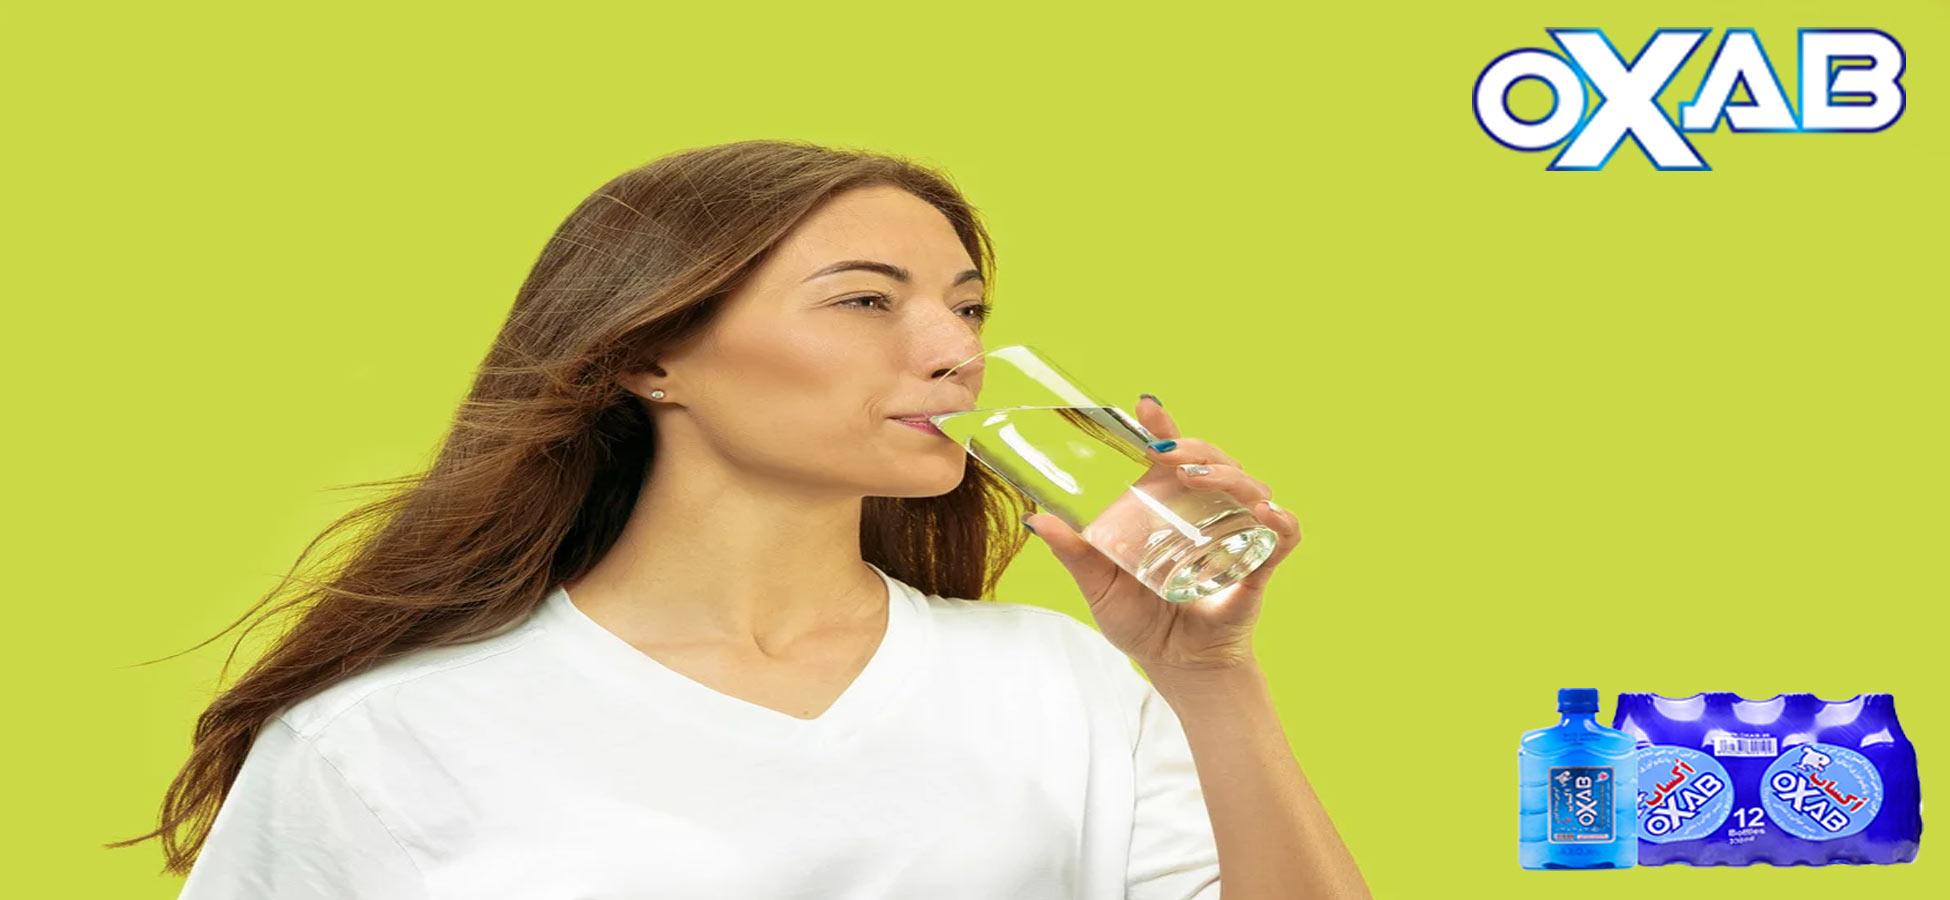 مصرف زیاد آب برای بدن مفید است یا مضر ؟